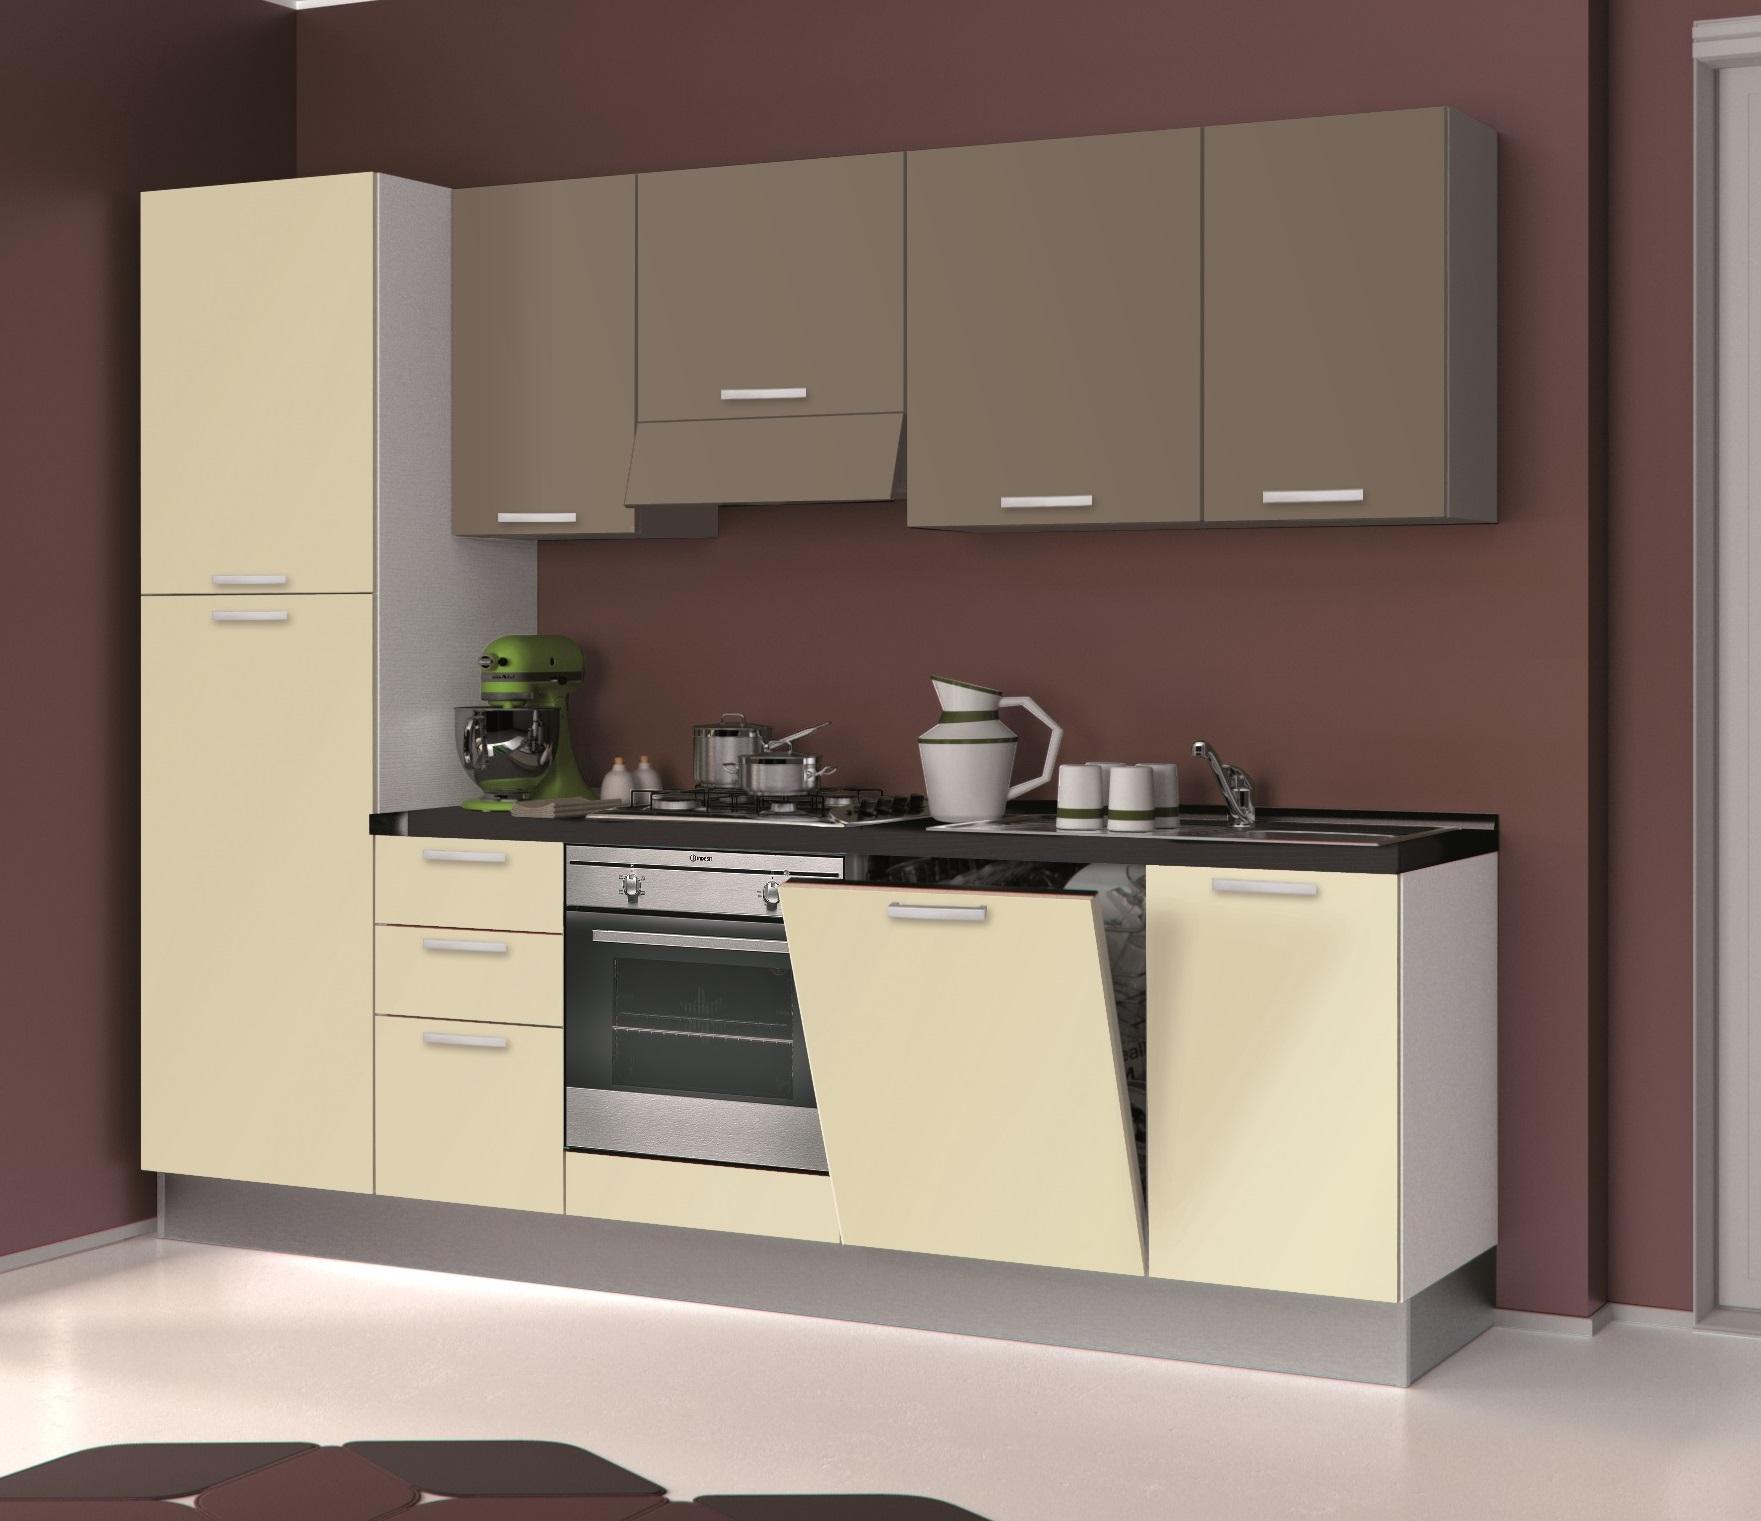 Promo 105l arredamenti centro cucine battistelli eric for Discount arredamenti